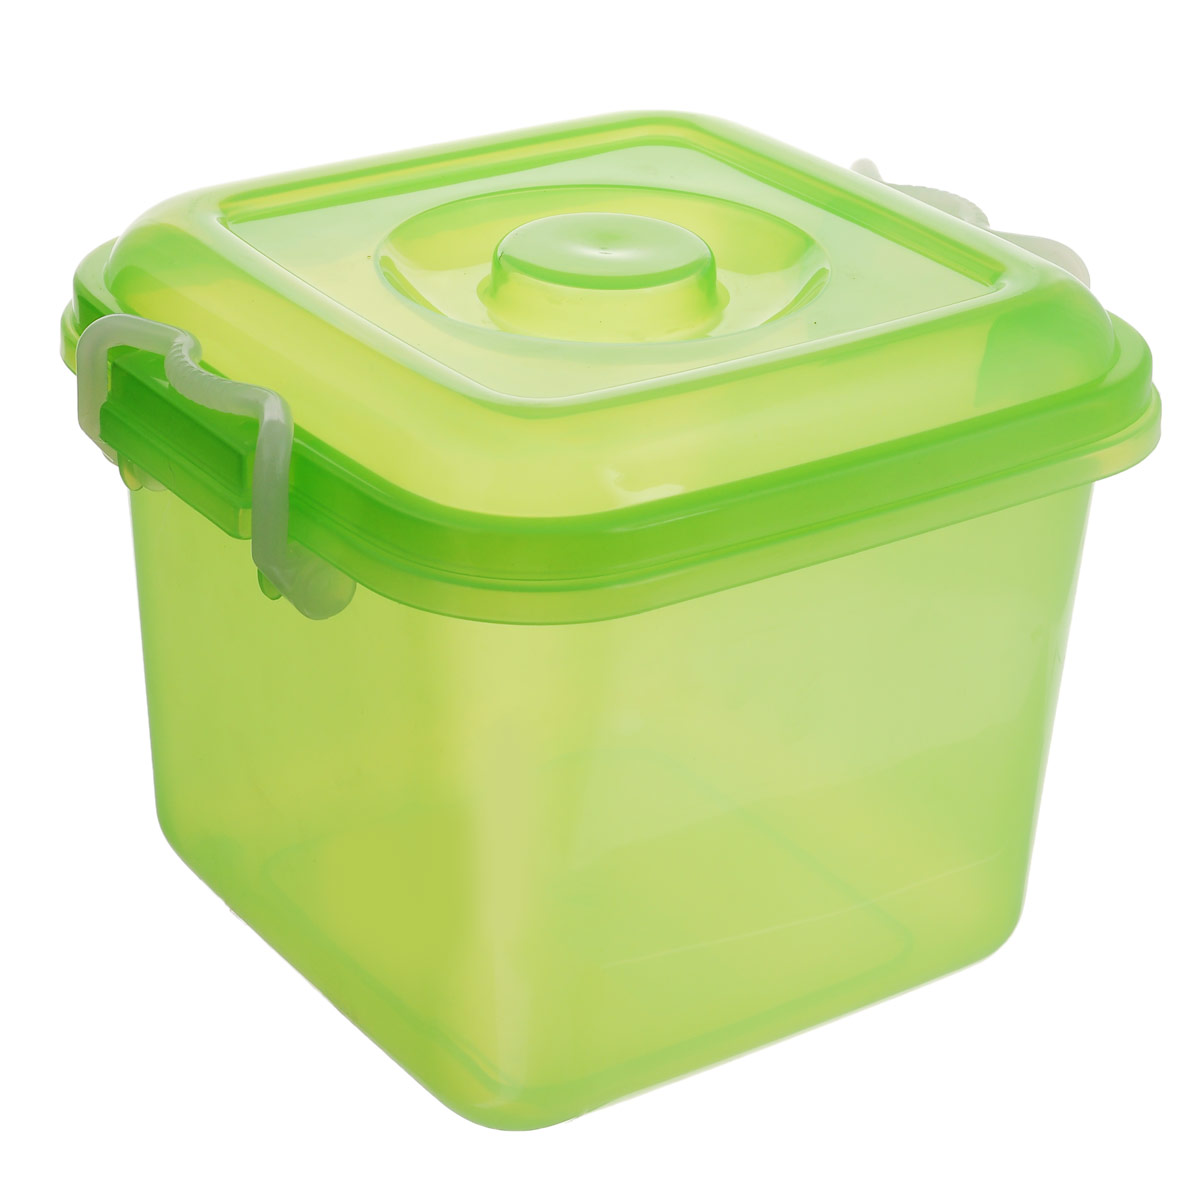 Контейнер для хранения Idea Океаник, цвет: зеленый, 8 л контейнер для хранения idea океаник цвет голубой 20 л